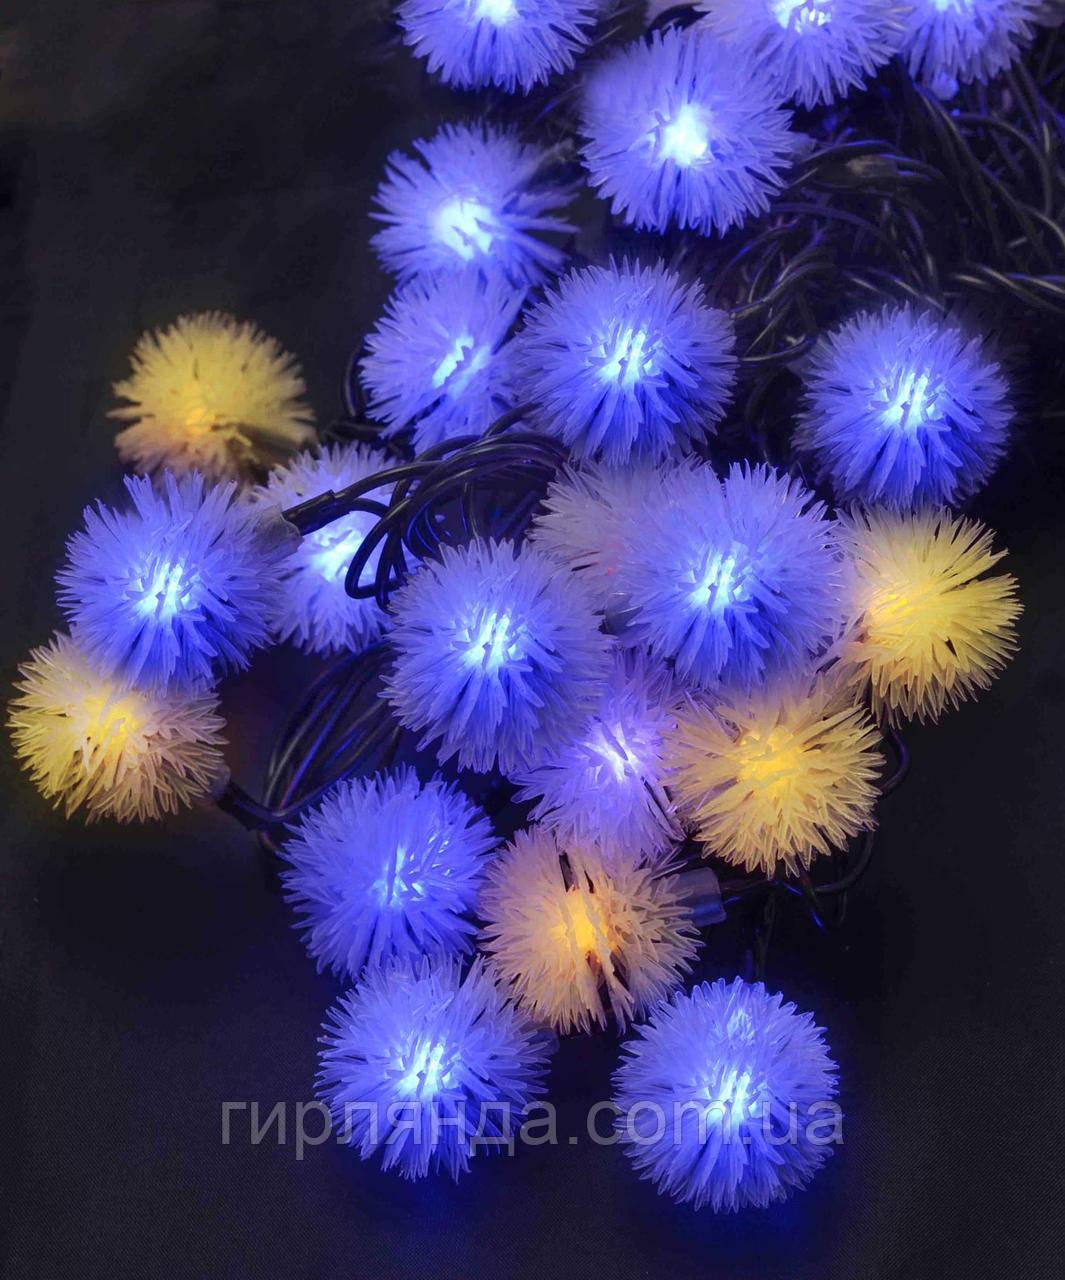 """Фігурки  40 LED, """"ПУХНАСТИК"""", 7м+ перехідник,  жовто-синій"""